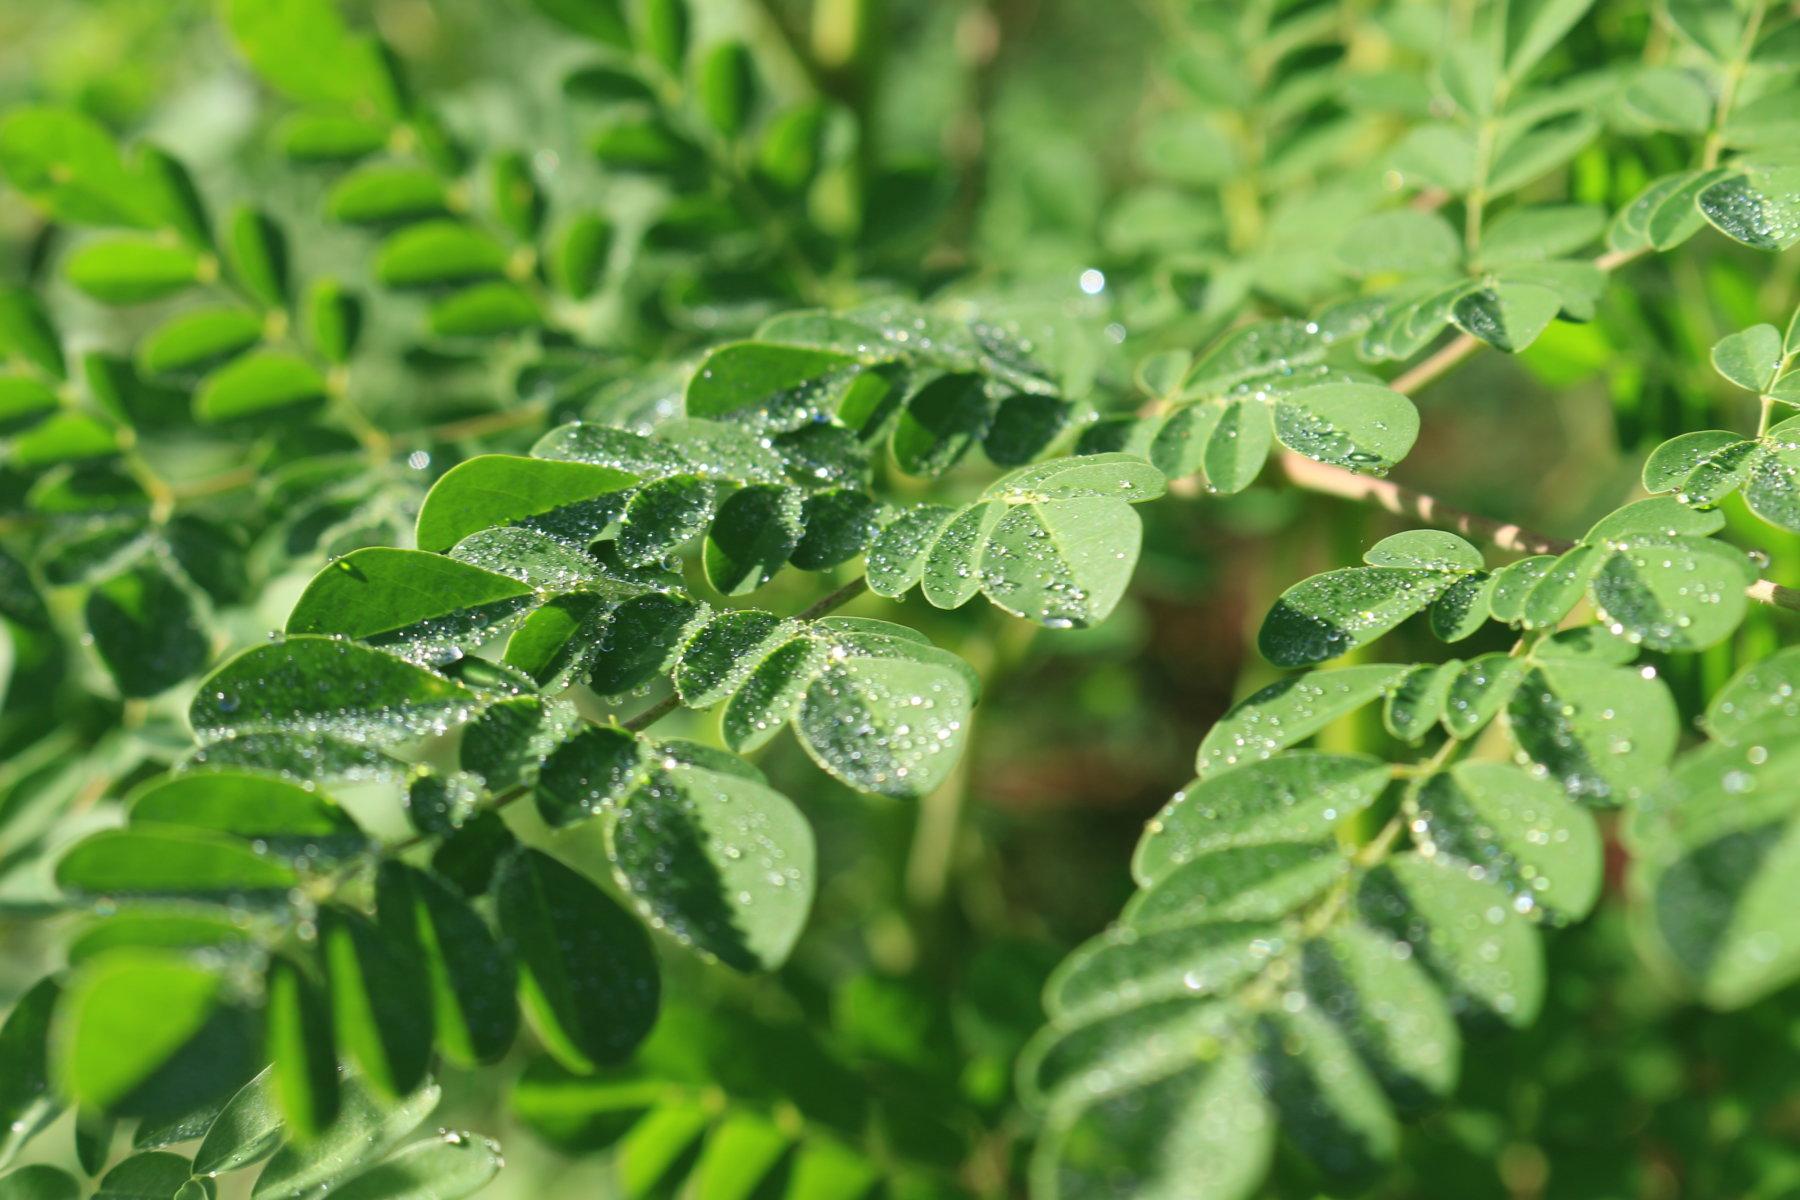 Hojas de Moringa oleifera, que concentran gran cantidad de micro y macro nutrientes con los que re-equilibrar los niveles de energía.